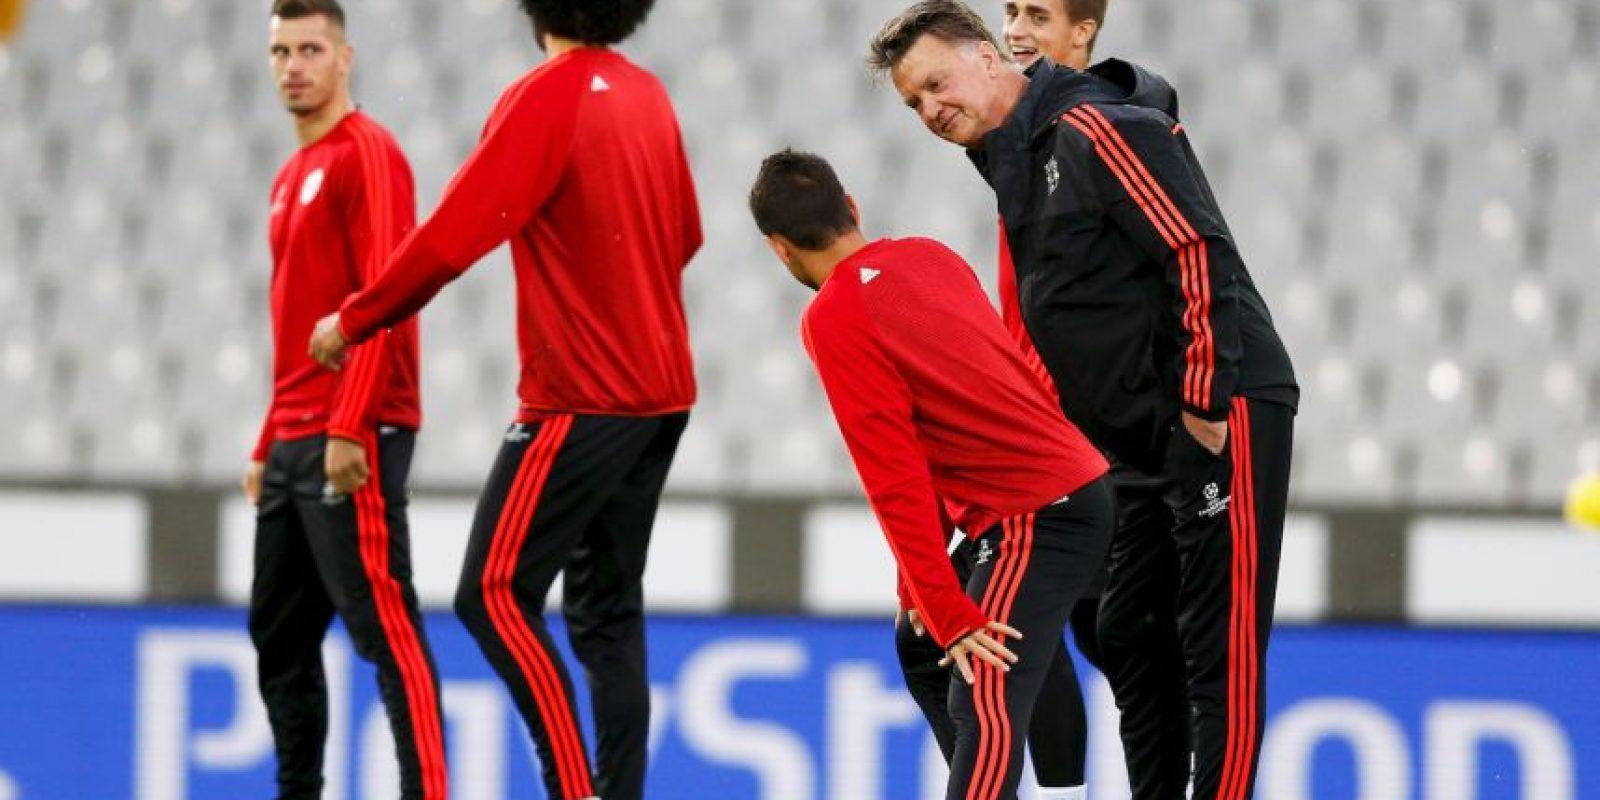 No entraba en planes para esta temporada y tuvo que buscar otra opción en el Bayer Leverkusen Foto:Getty Images